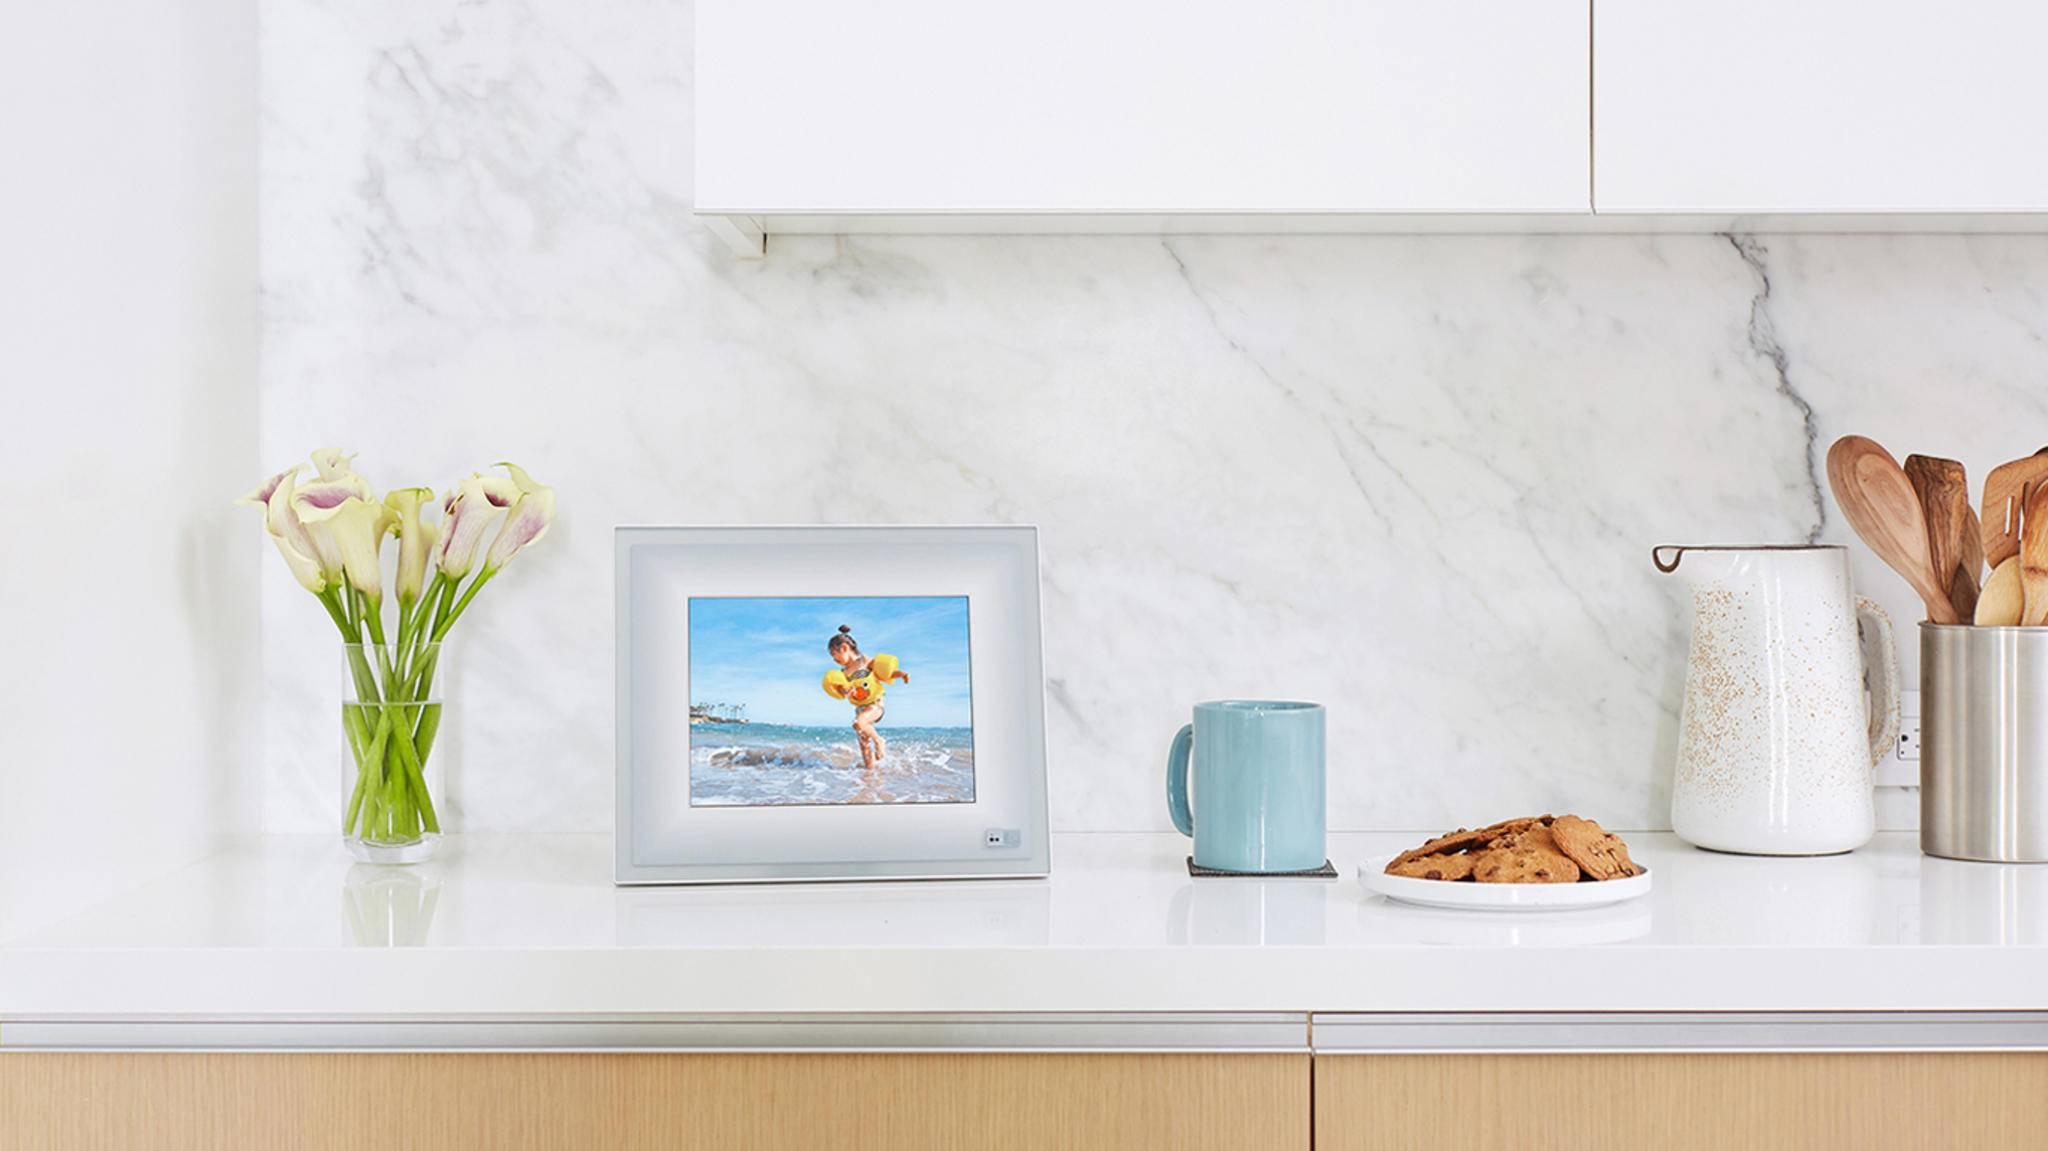 Der Aura Frame ist nur einer der smarten Bilderrahmen, die das Zuhause verschönern kann.